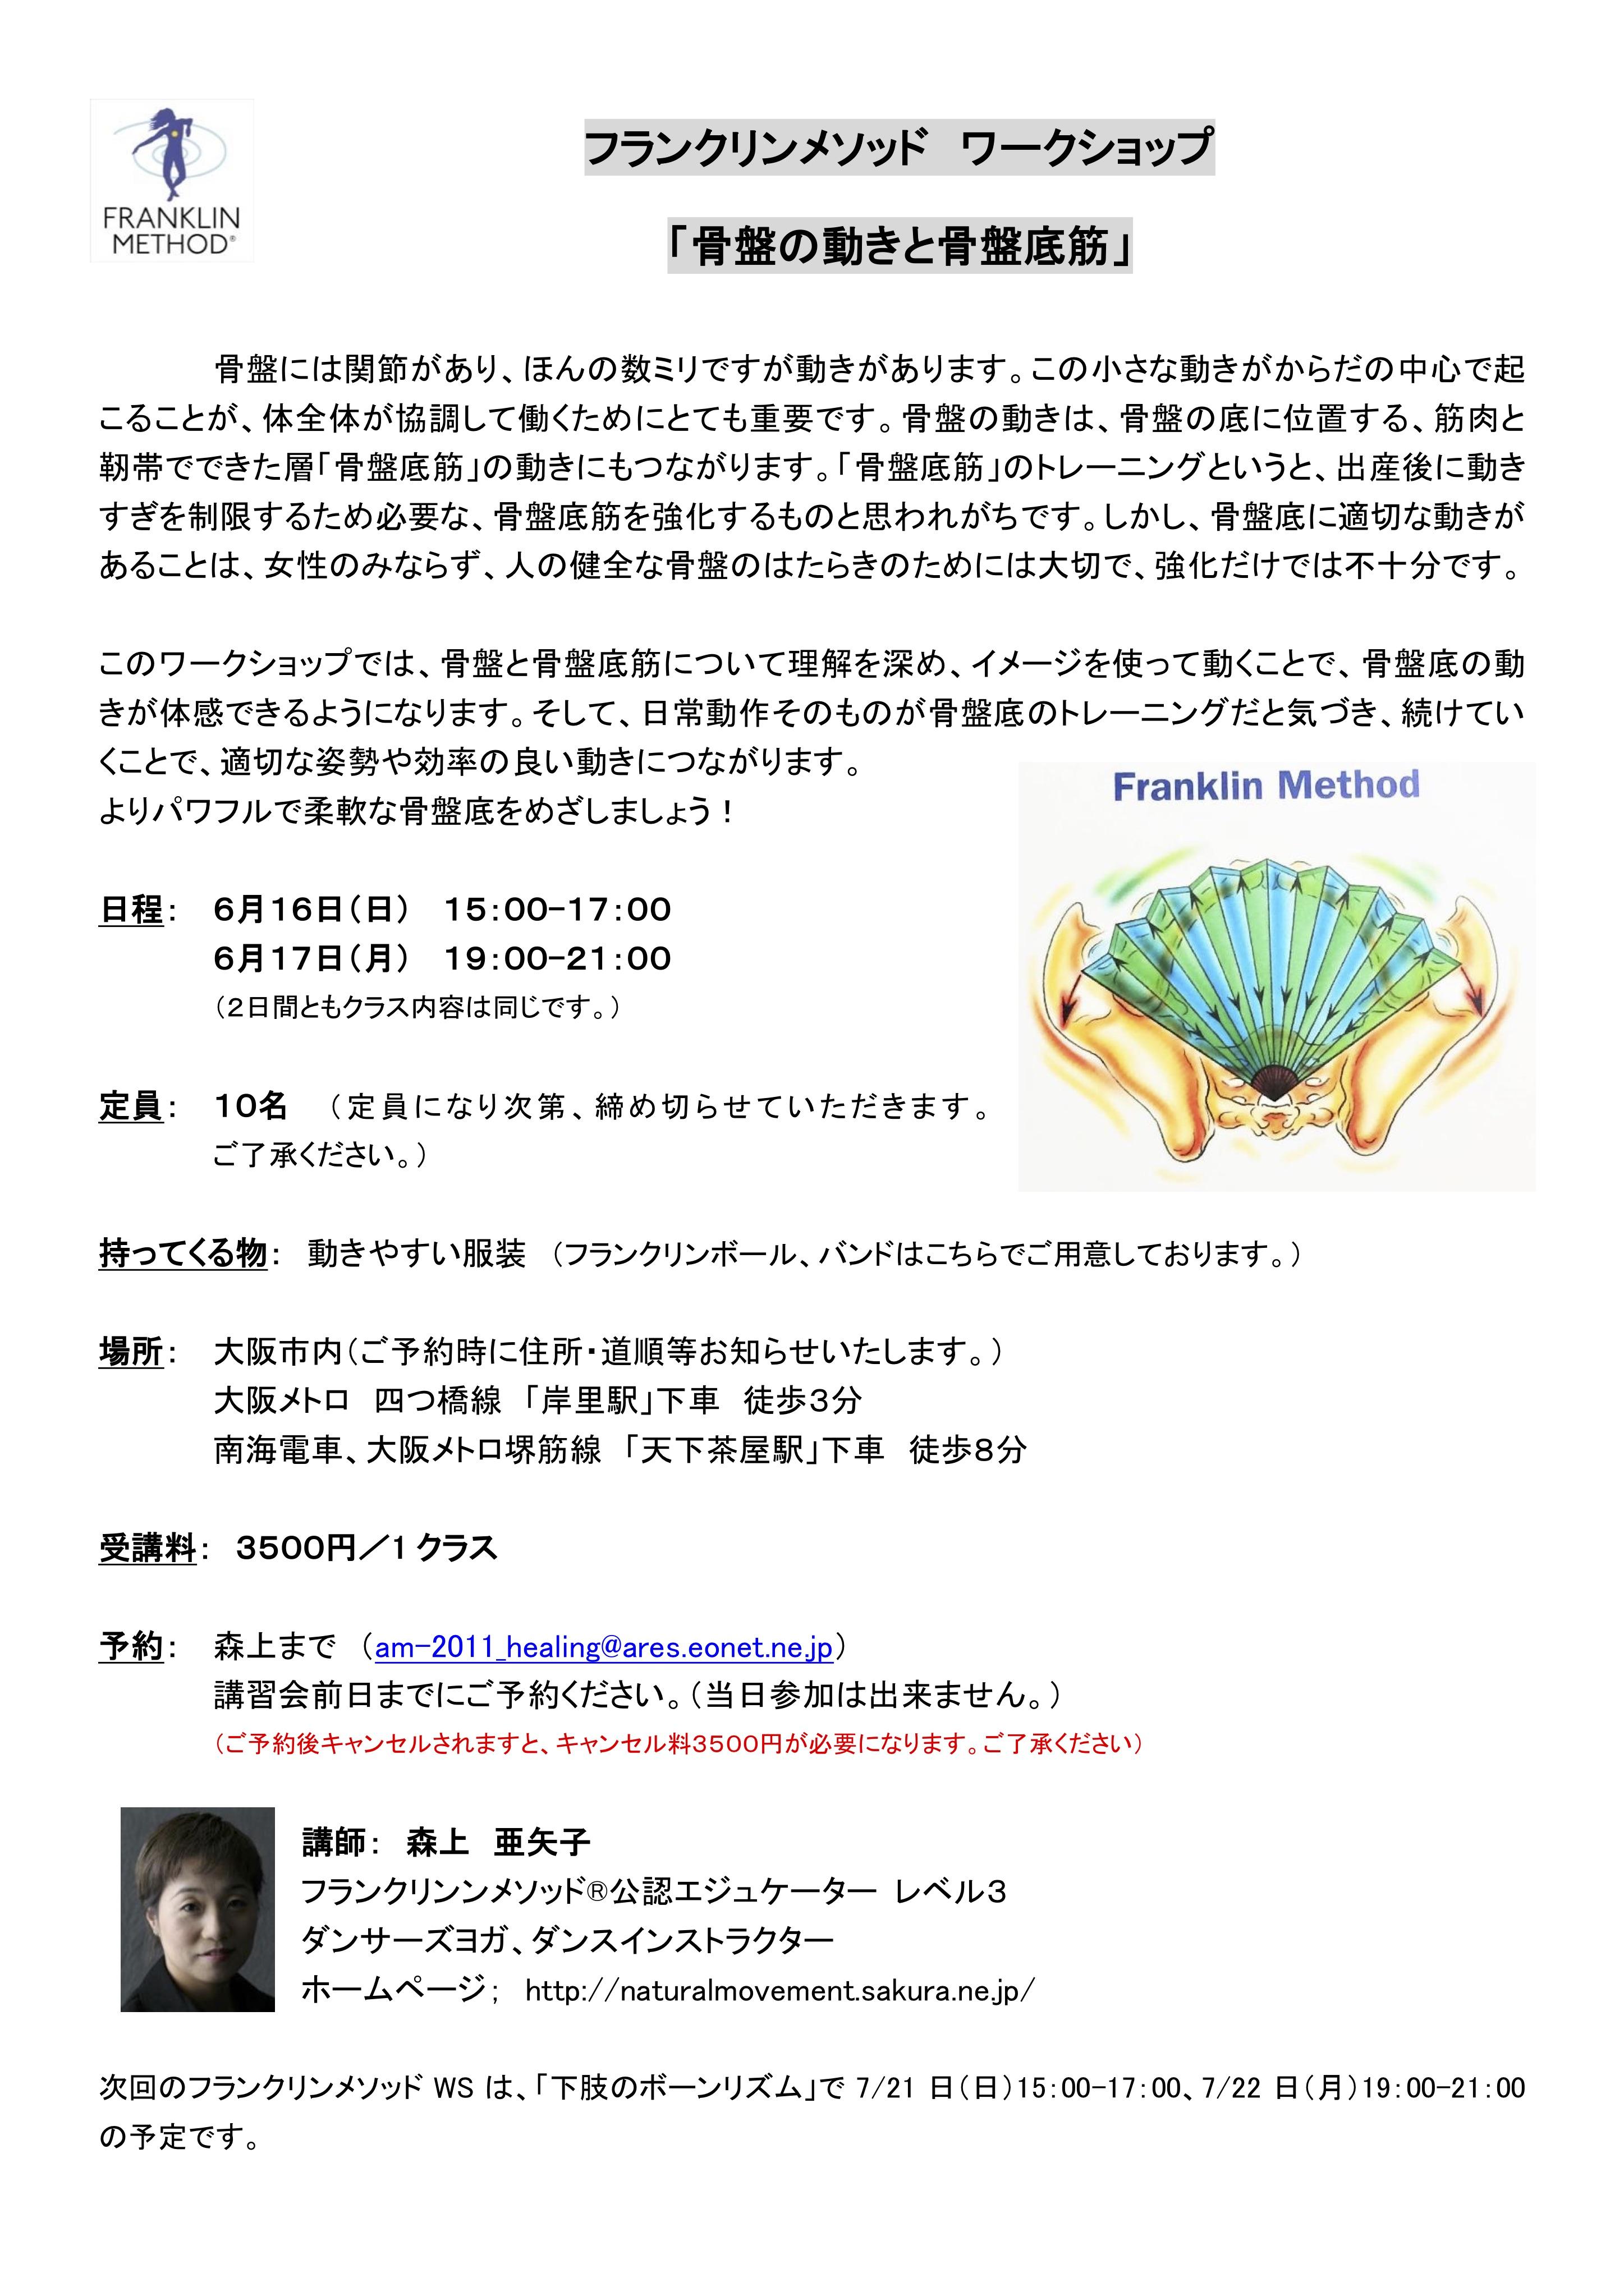 6/16(日)大阪 森上亜矢子WS「骨盤の動きと骨盤底筋」